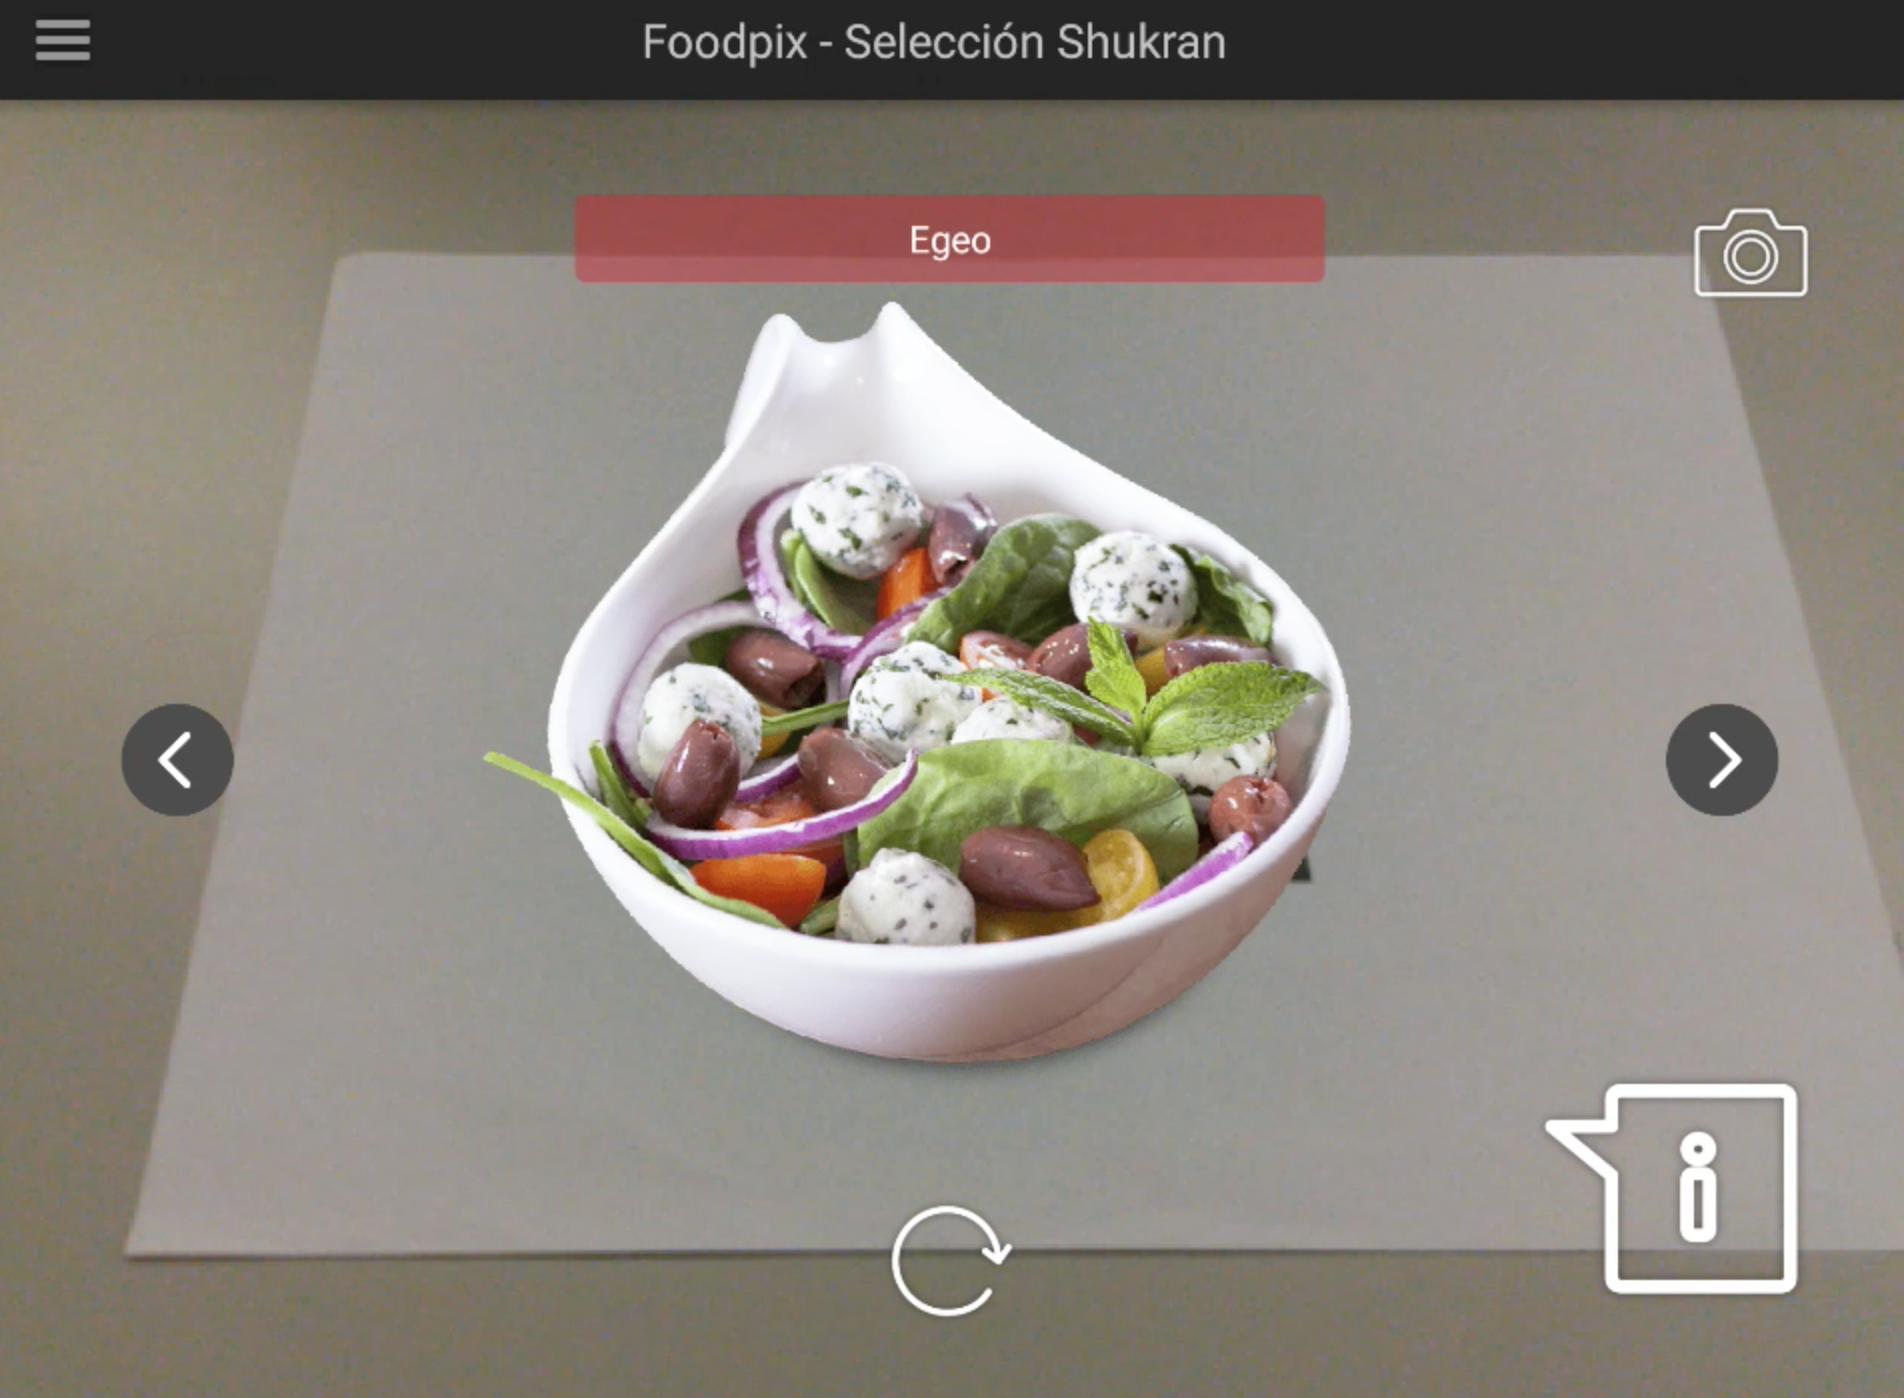 AR Based Food Menu ideas